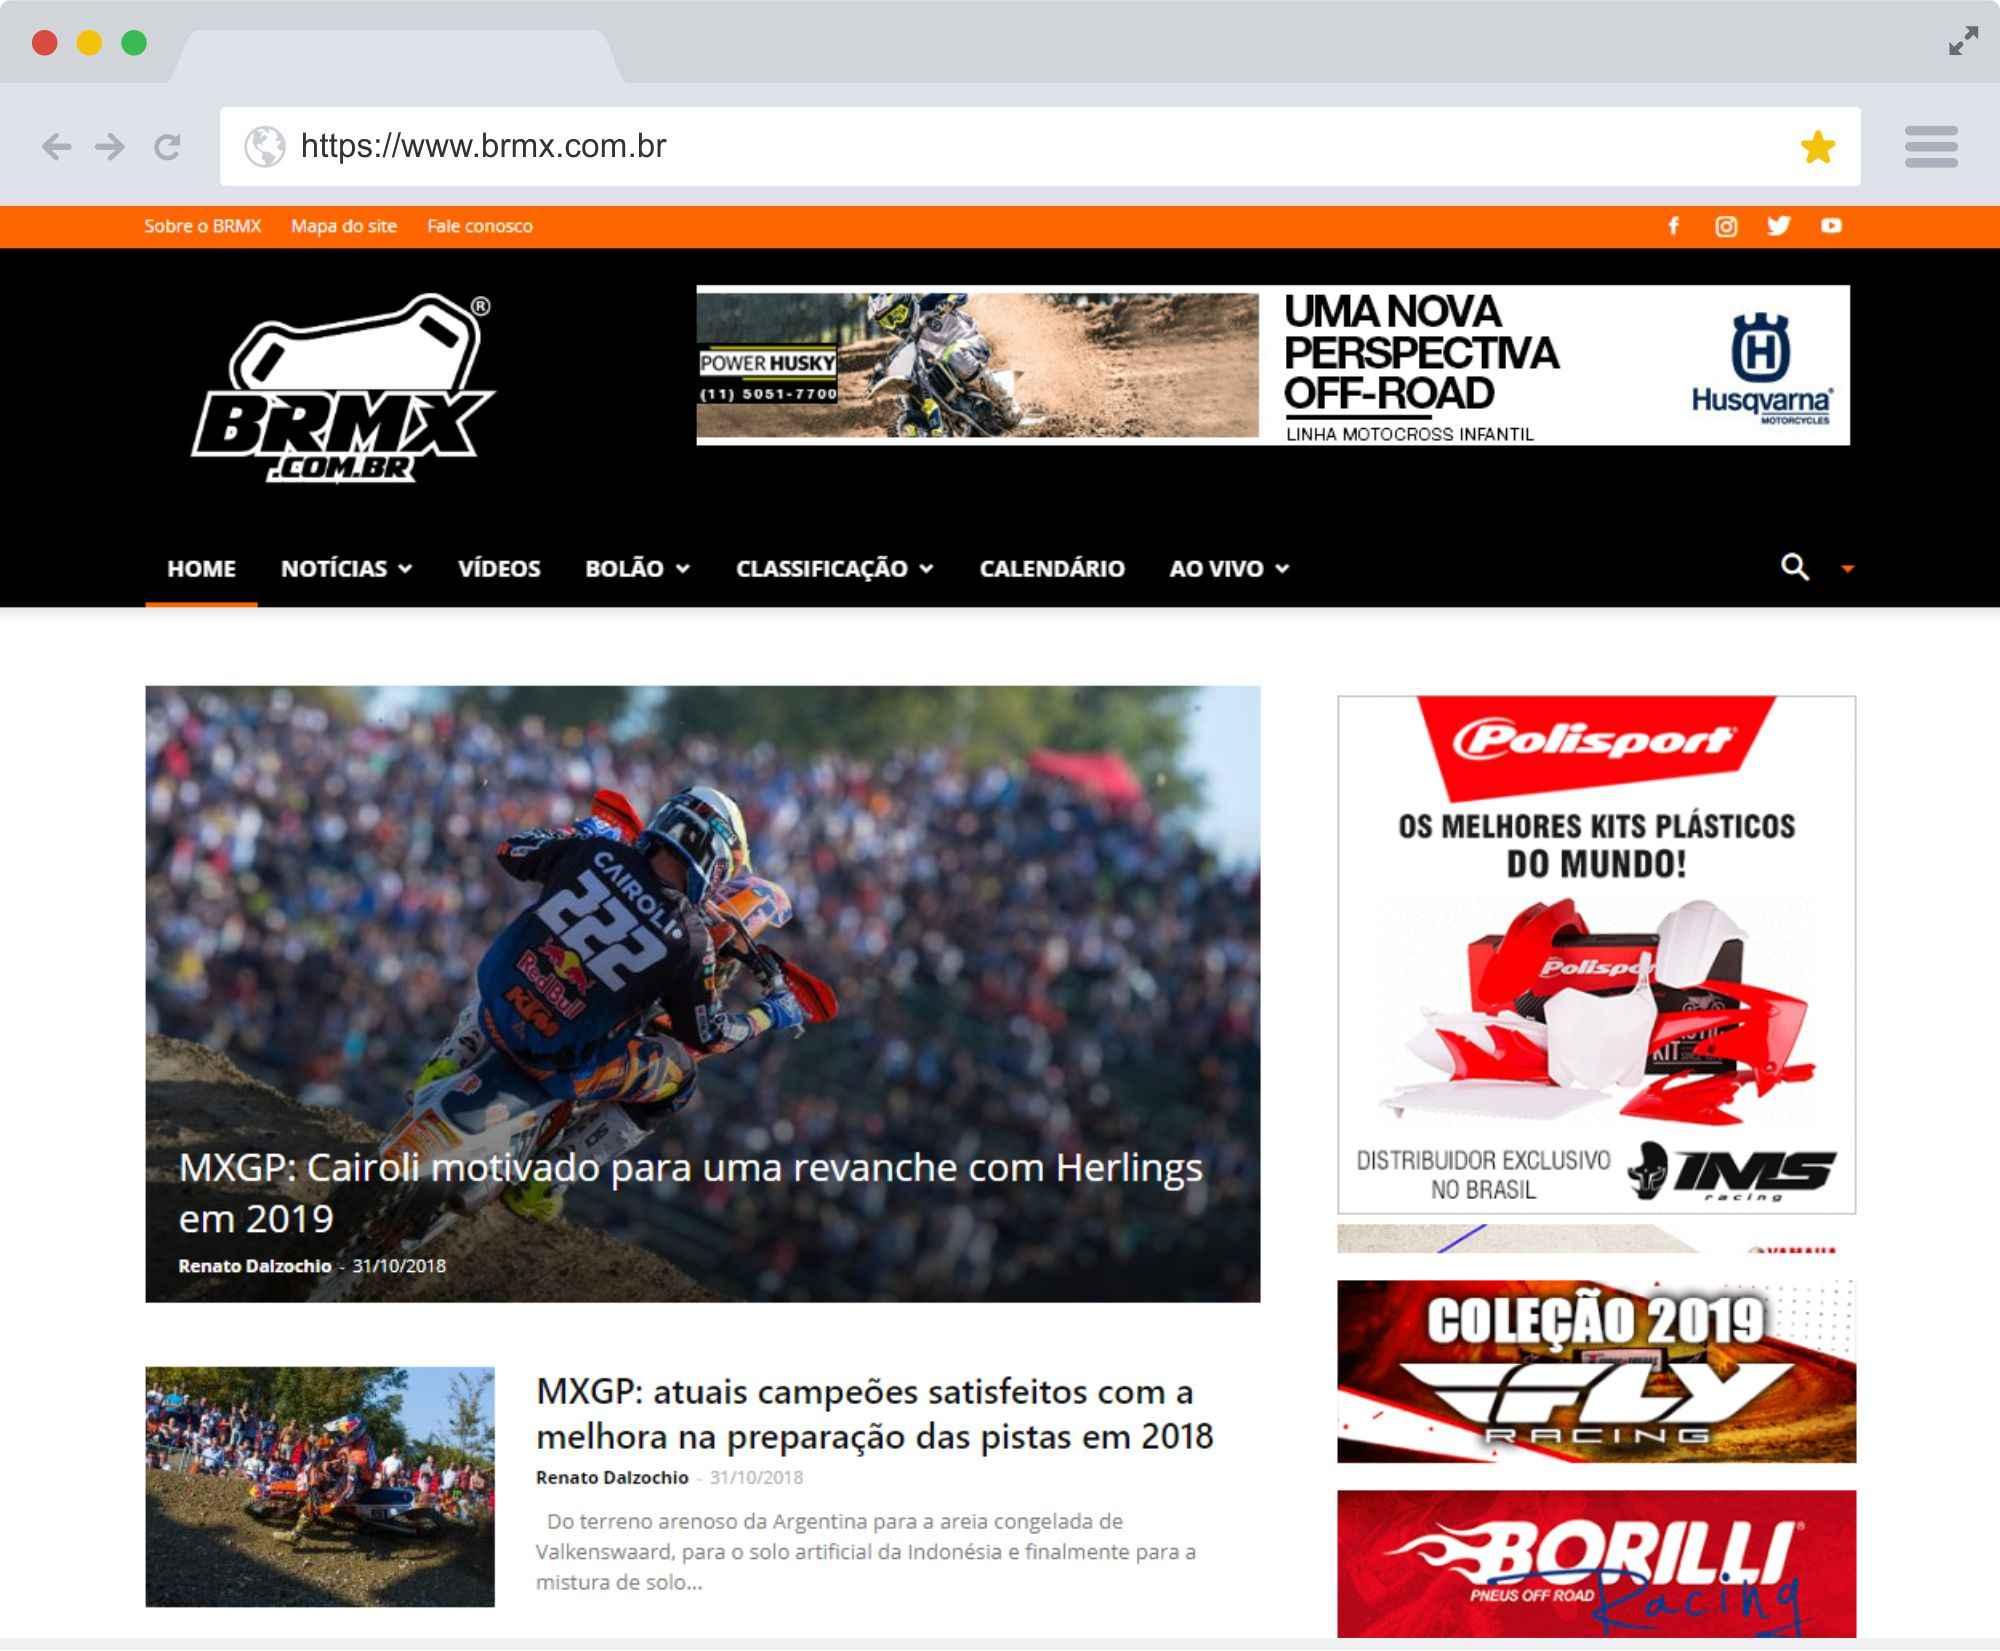 BRMX é um portal de notícias especializado em motocross e seus derivados.